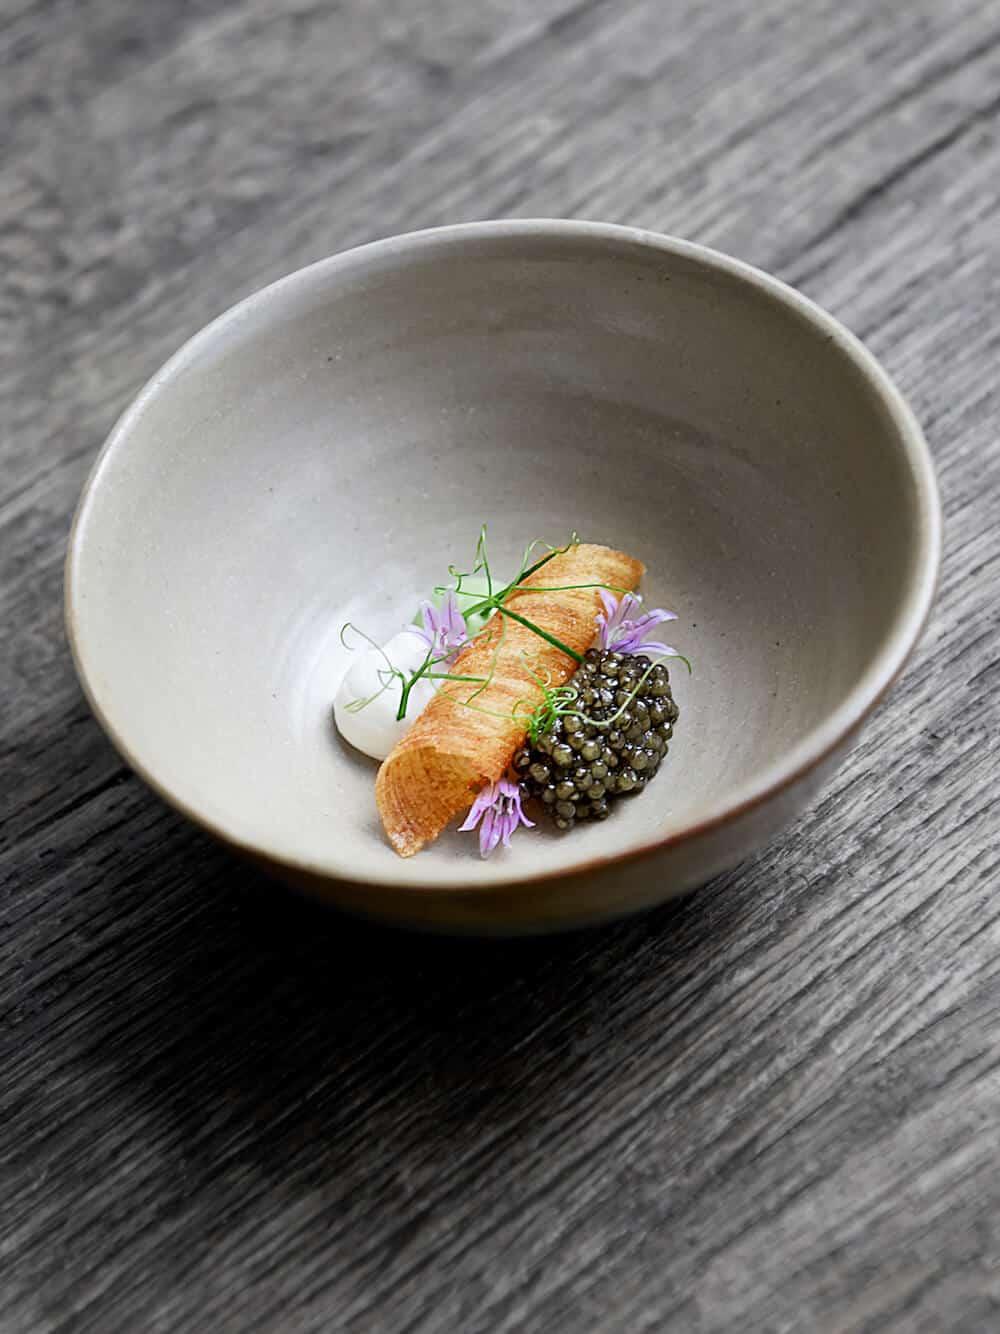 caviar scallion cr me fraiche chefs pencil. Black Bedroom Furniture Sets. Home Design Ideas